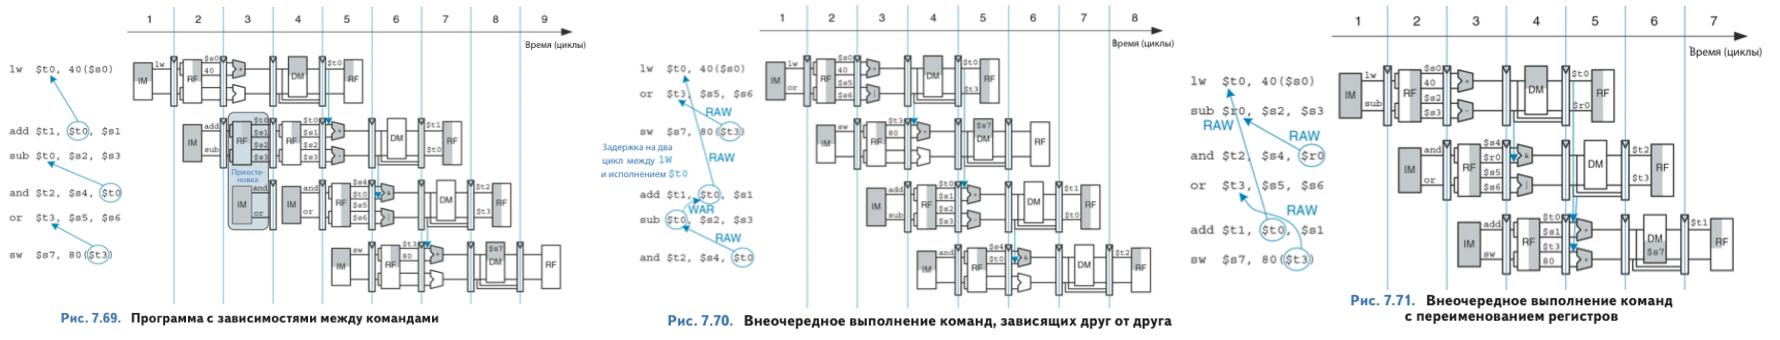 Избранные места из популярного учебника микроэлектроники на русском, который наконец-то выходит на бумаге - 8